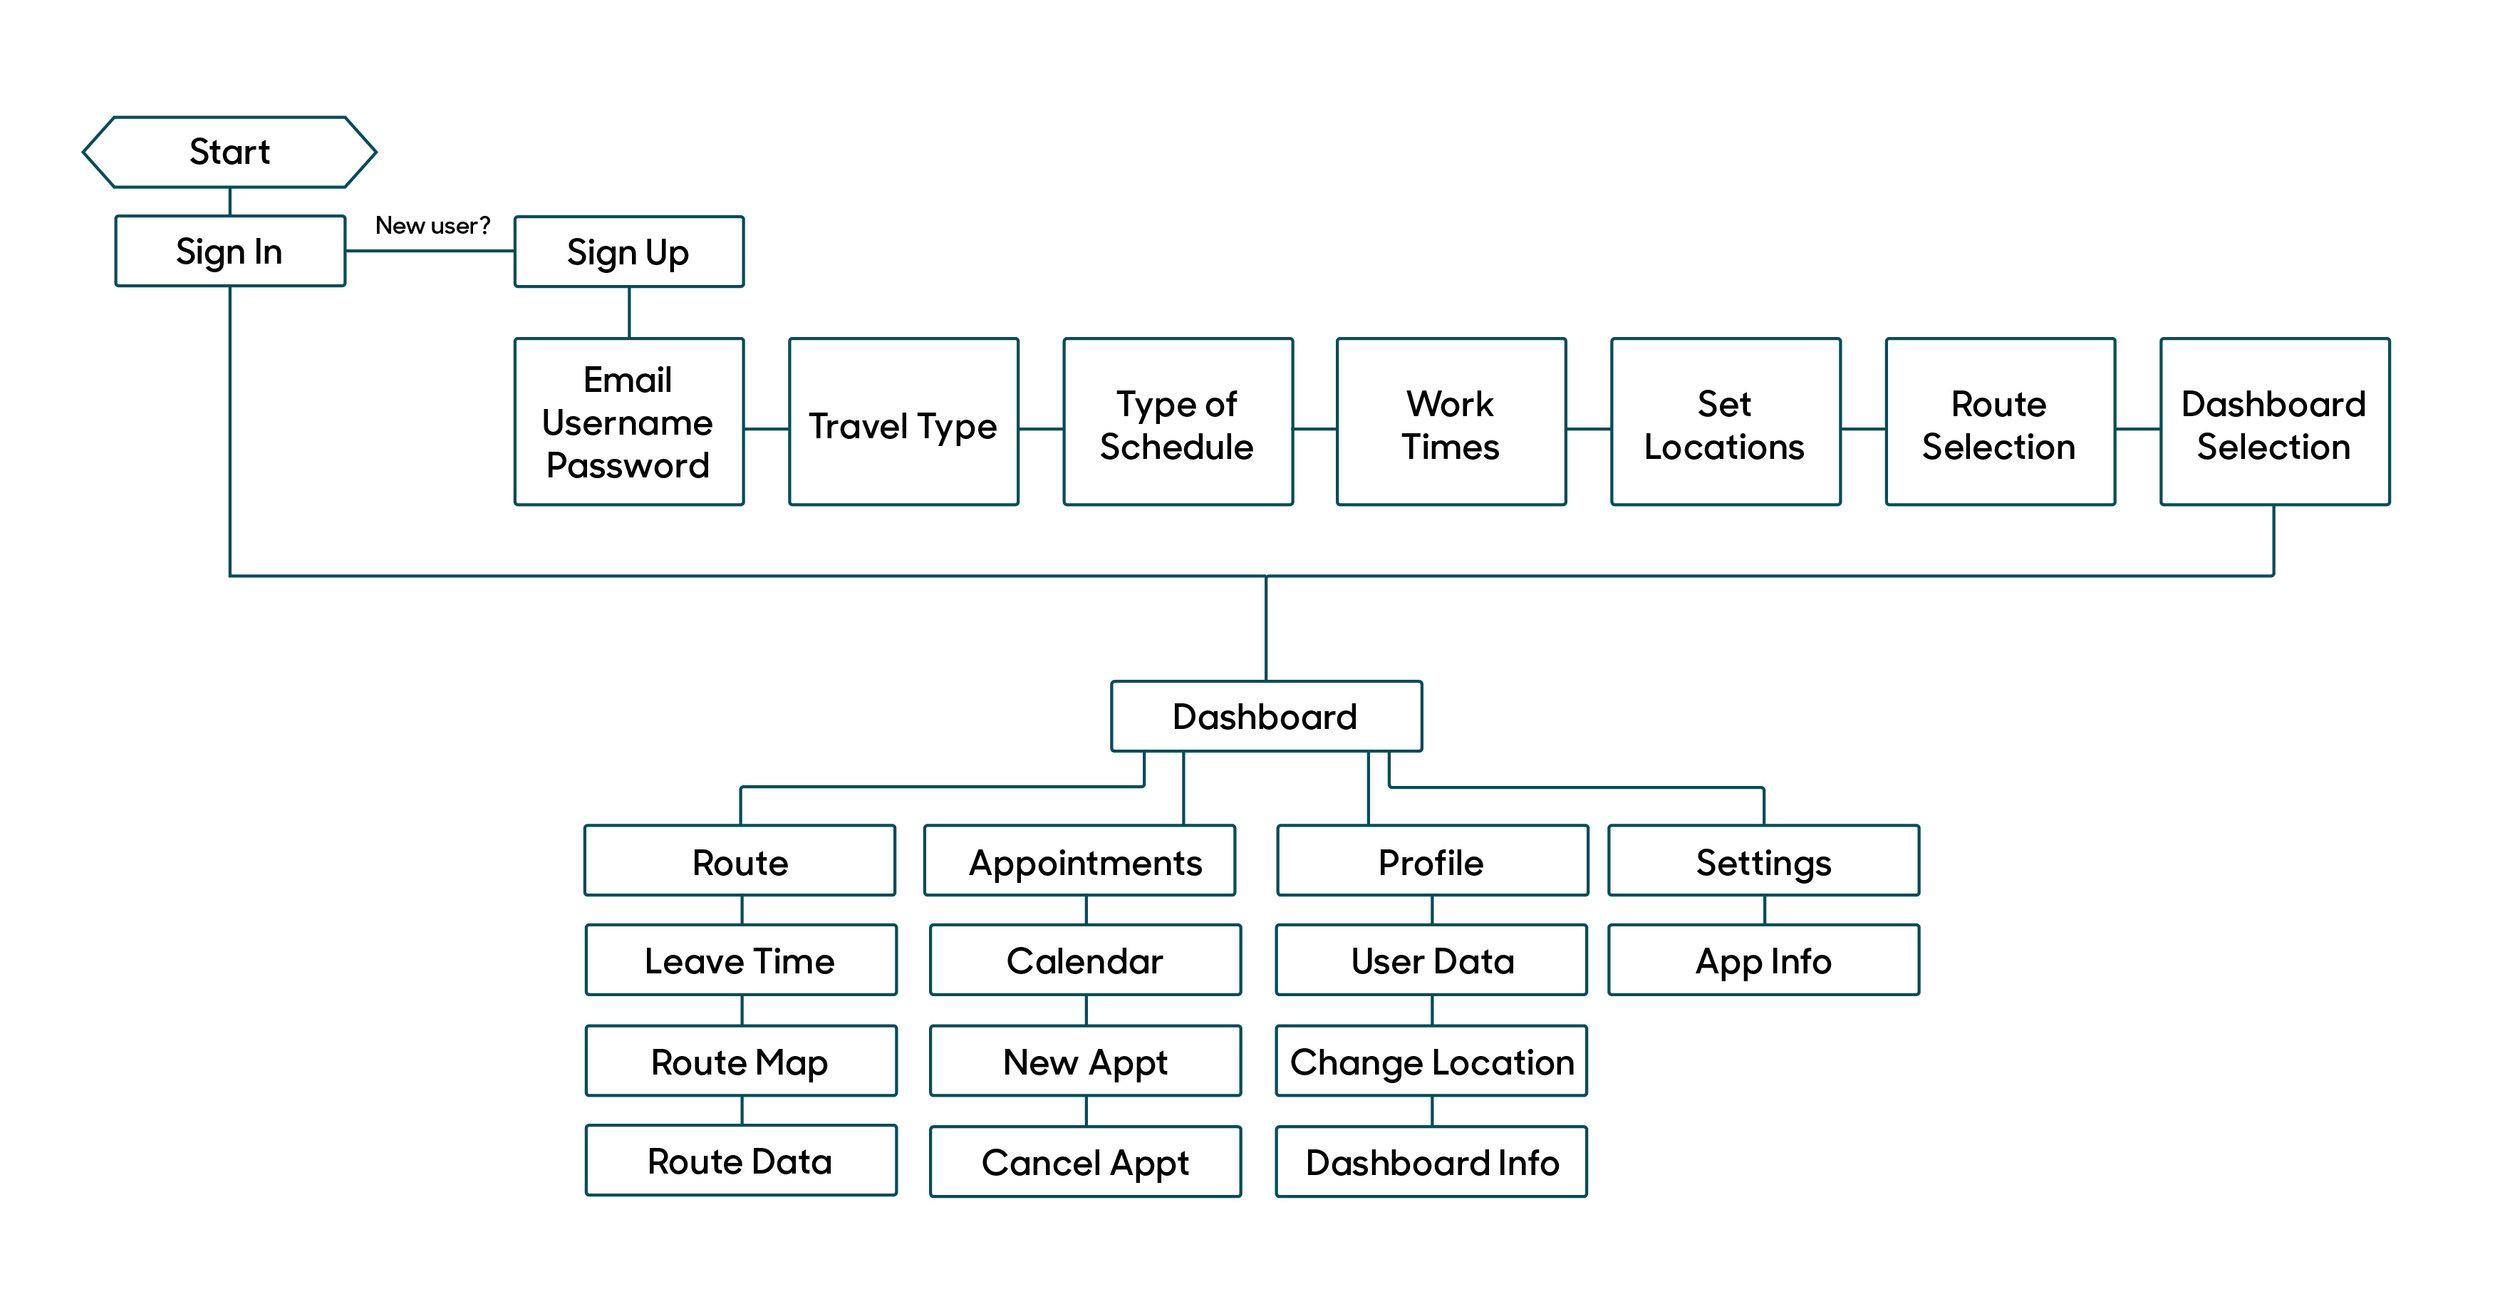 InformationArchitecture.jpg